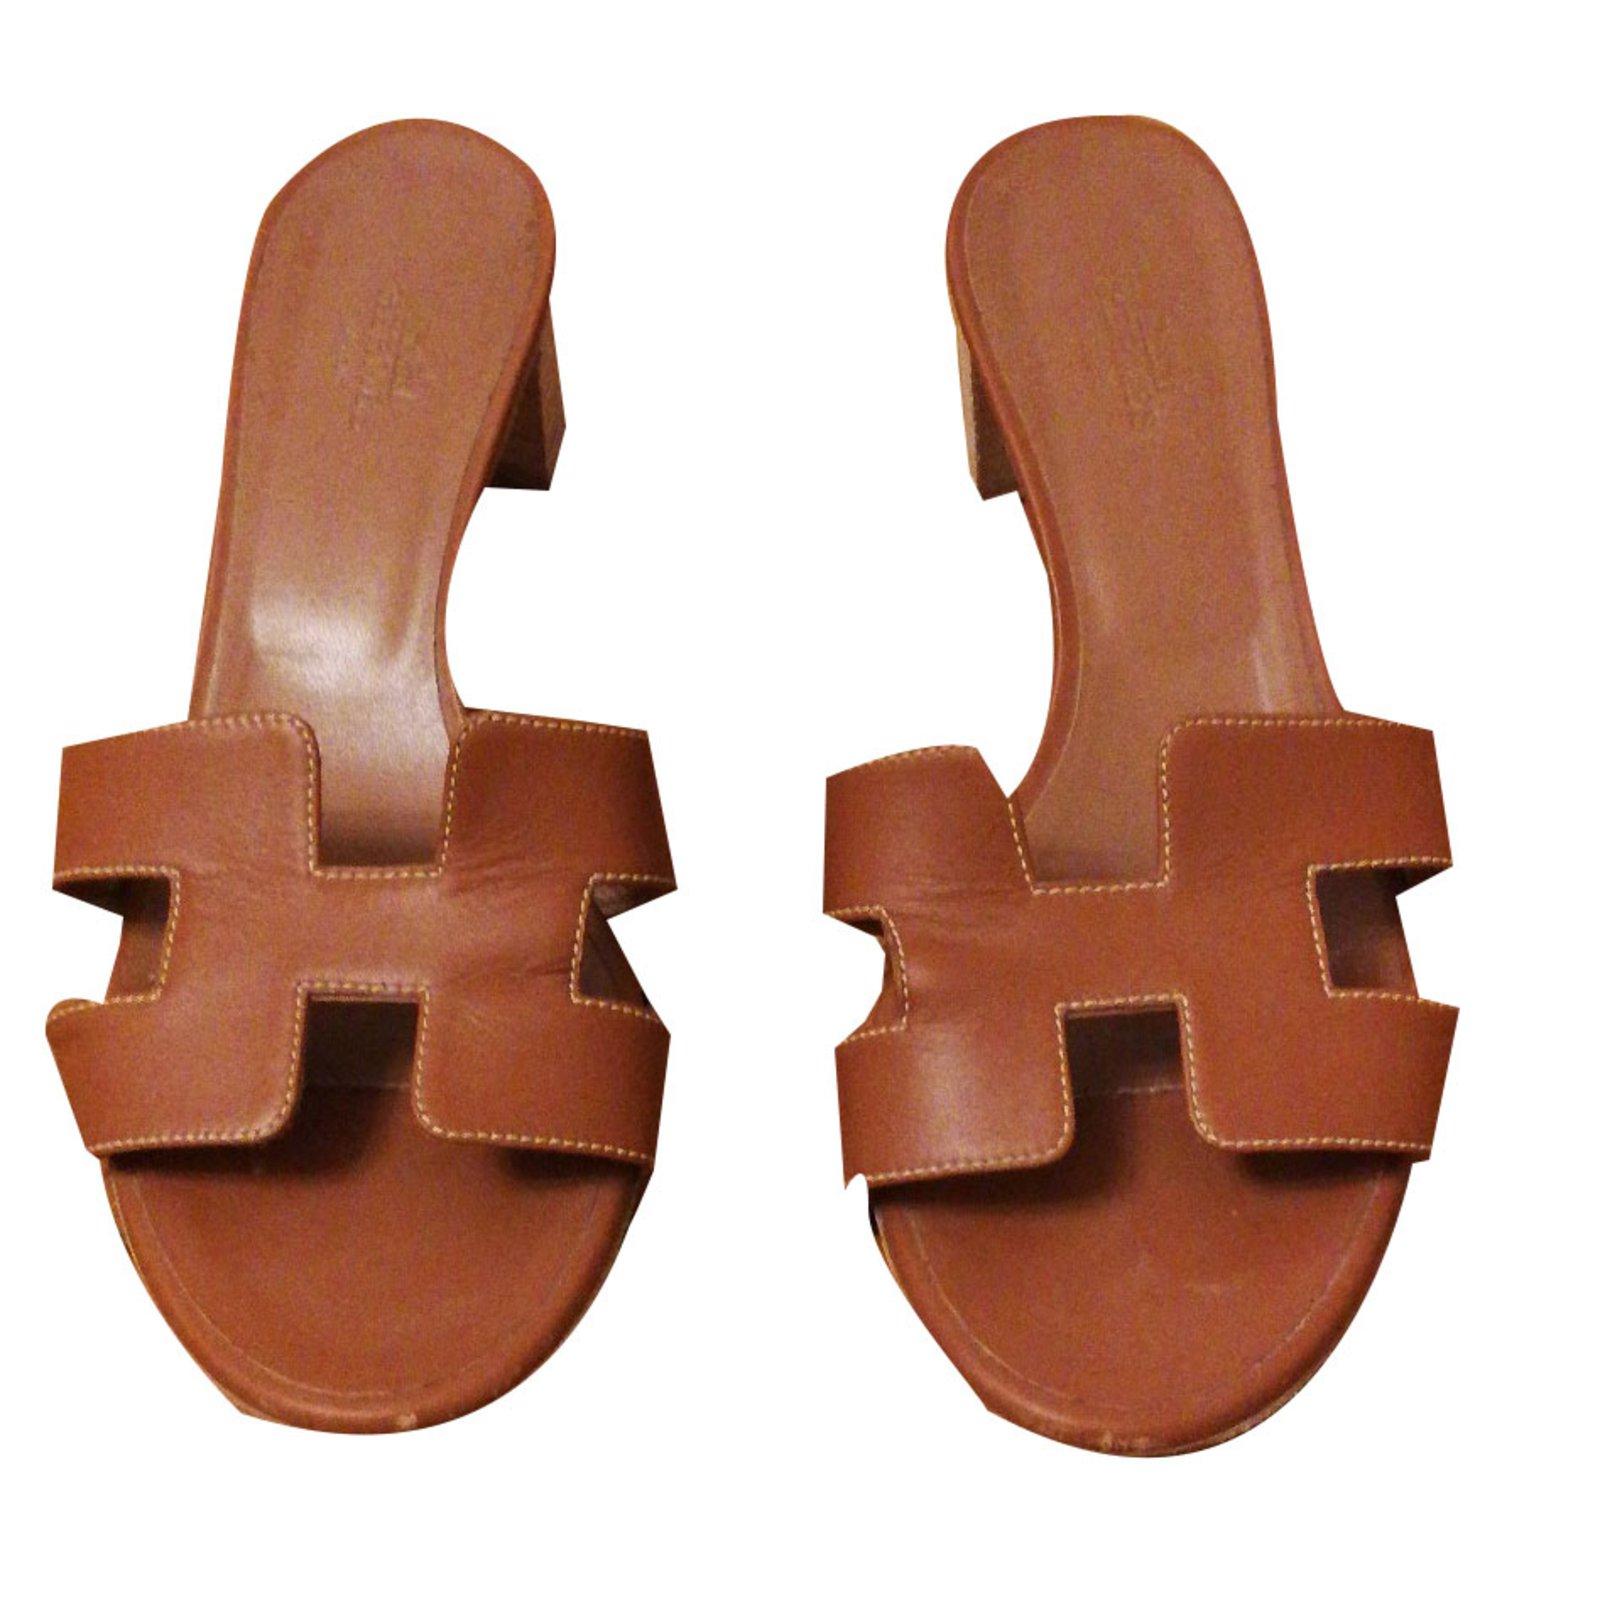 aeb6158eb6e9 Sandales Hermès Sandales hermes Oasis Cuir Caramel ref.37877 - Joli ...